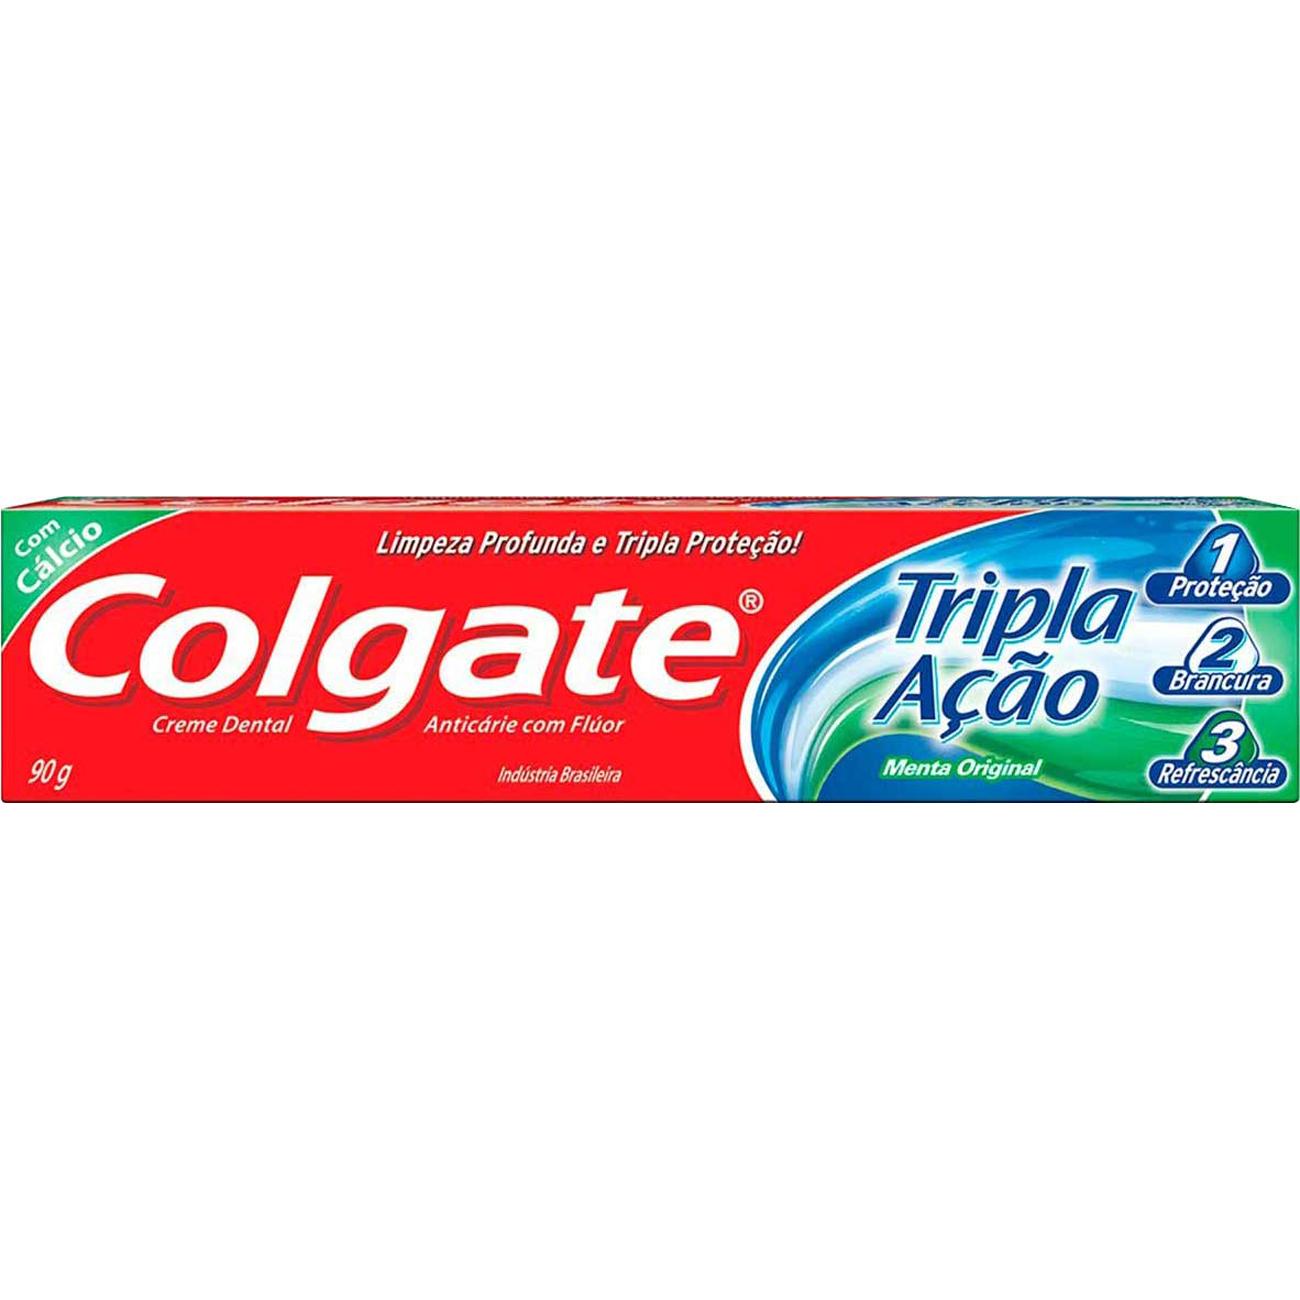 Creme Dental Colgate Tripla Acao Menta Original 90G